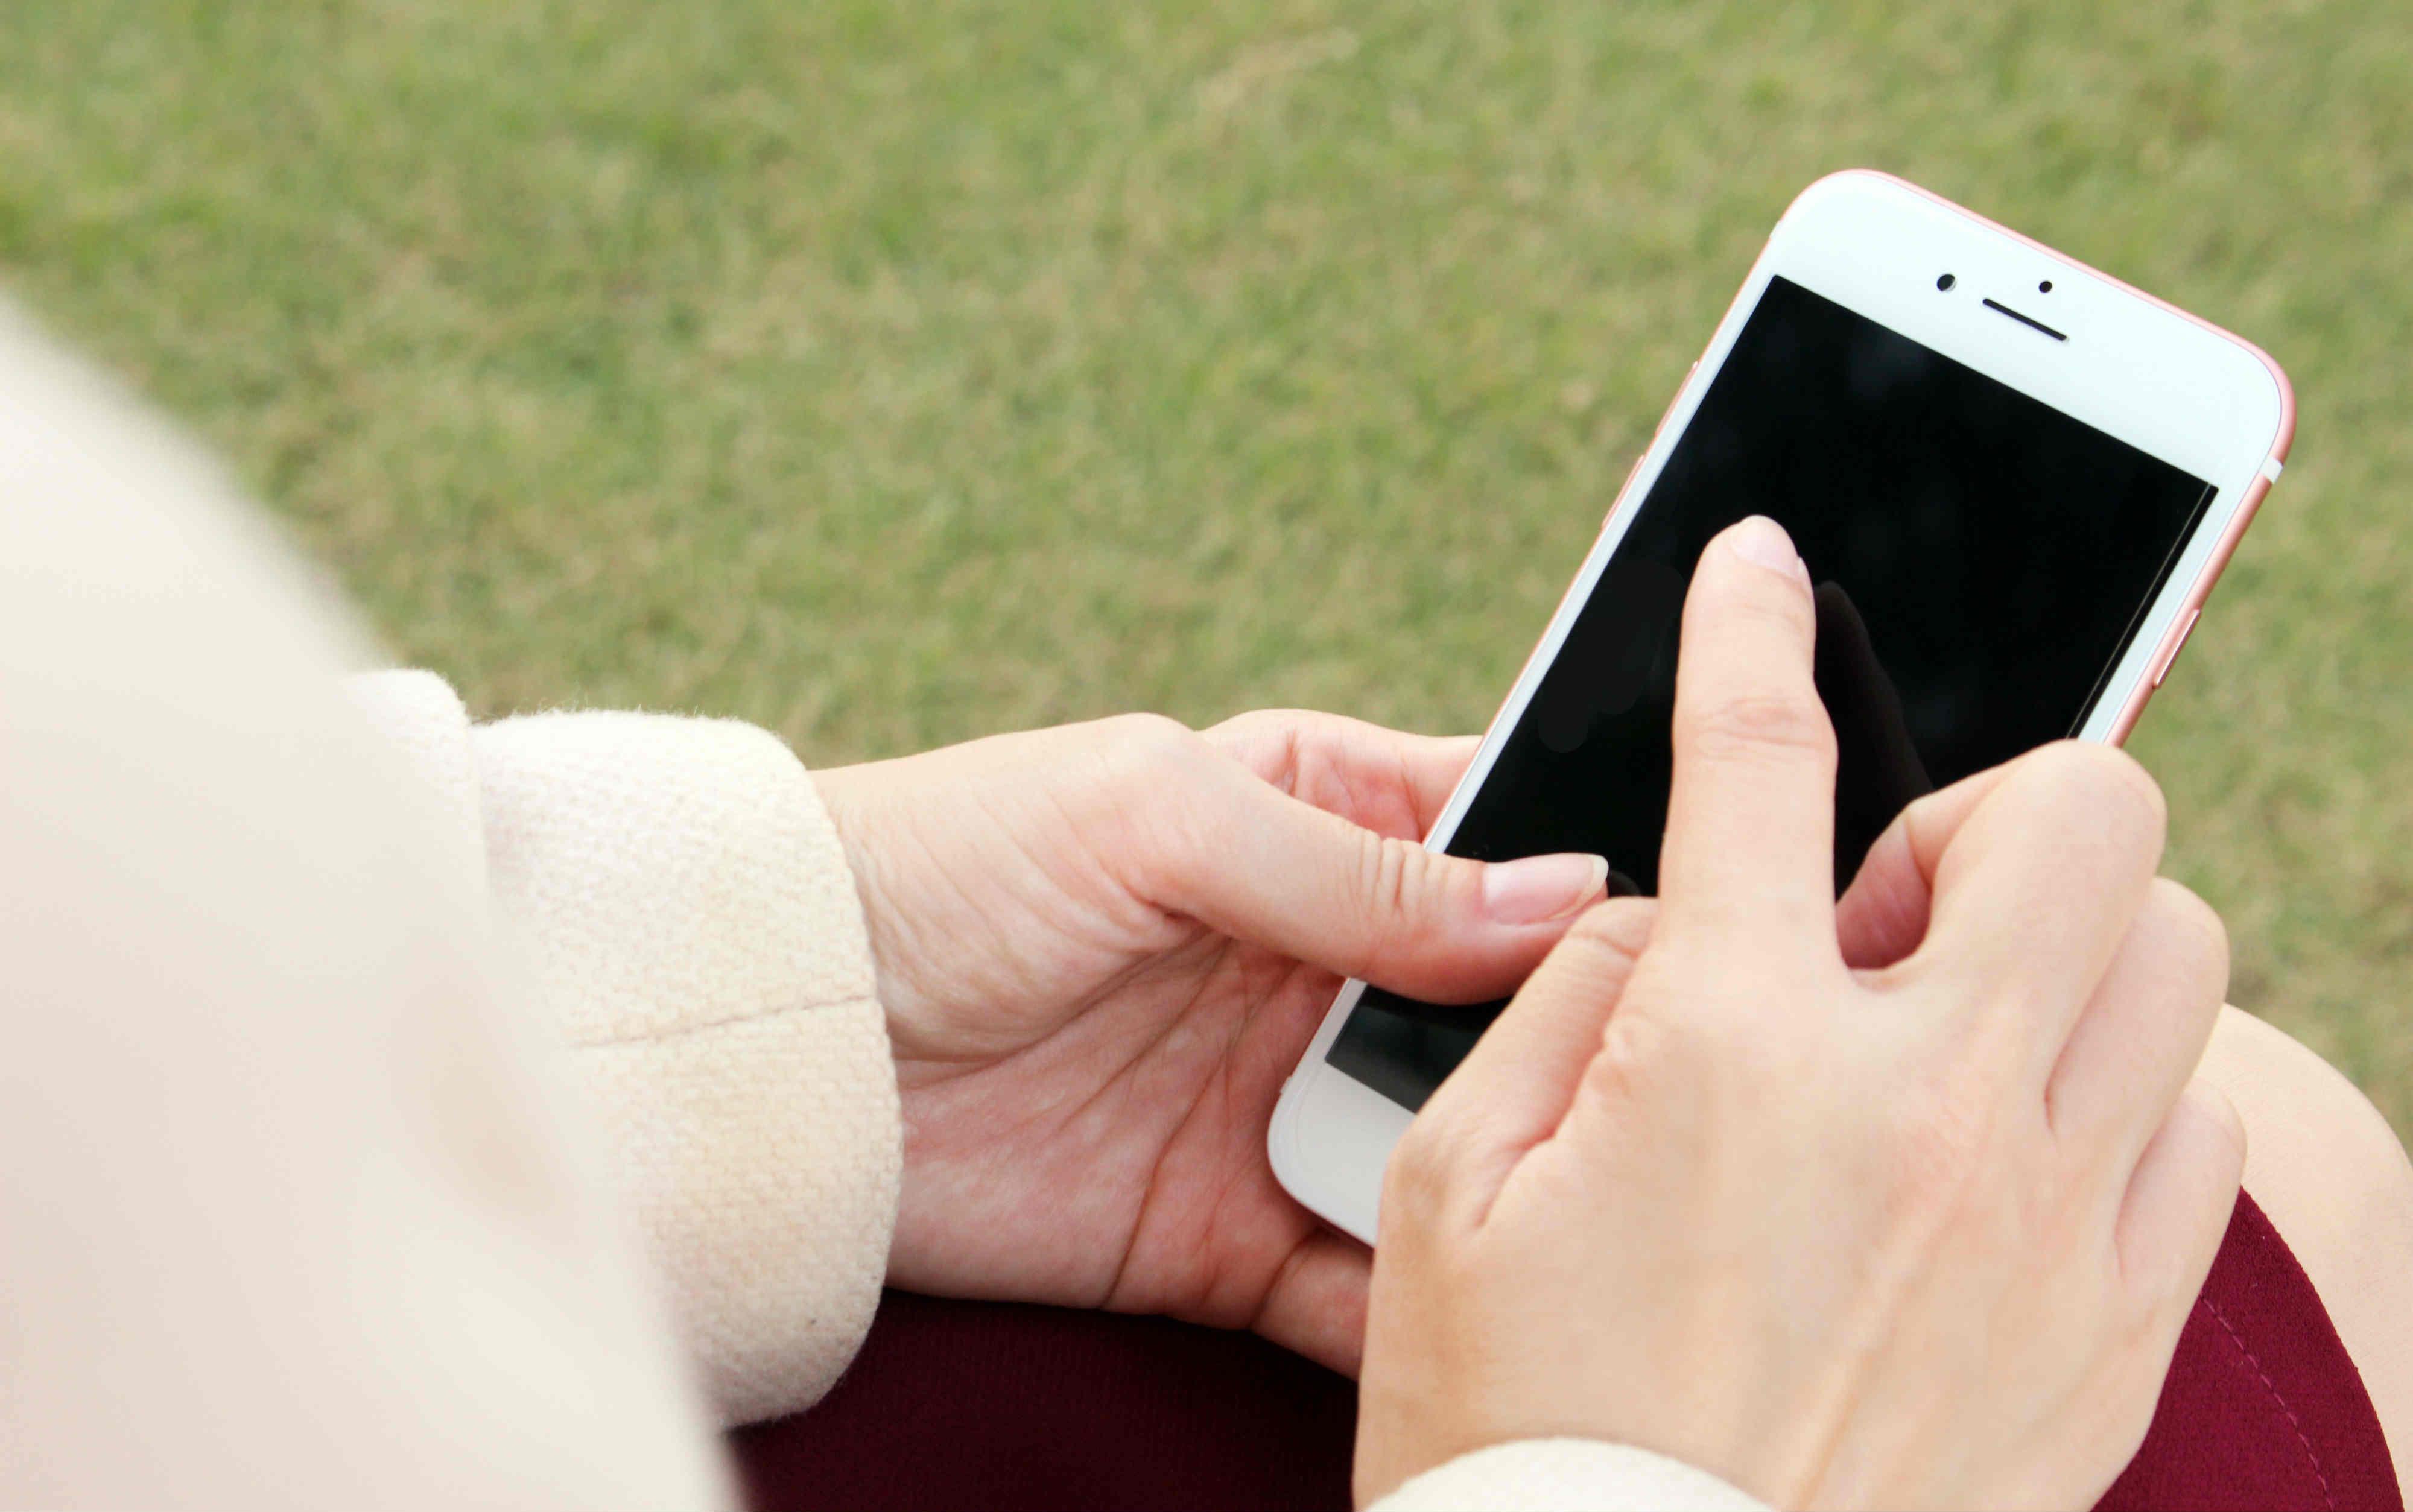 携帯乗り換えに必要なMNP予約申し込み方法〈ドコモ・au・ソフトバンク〉